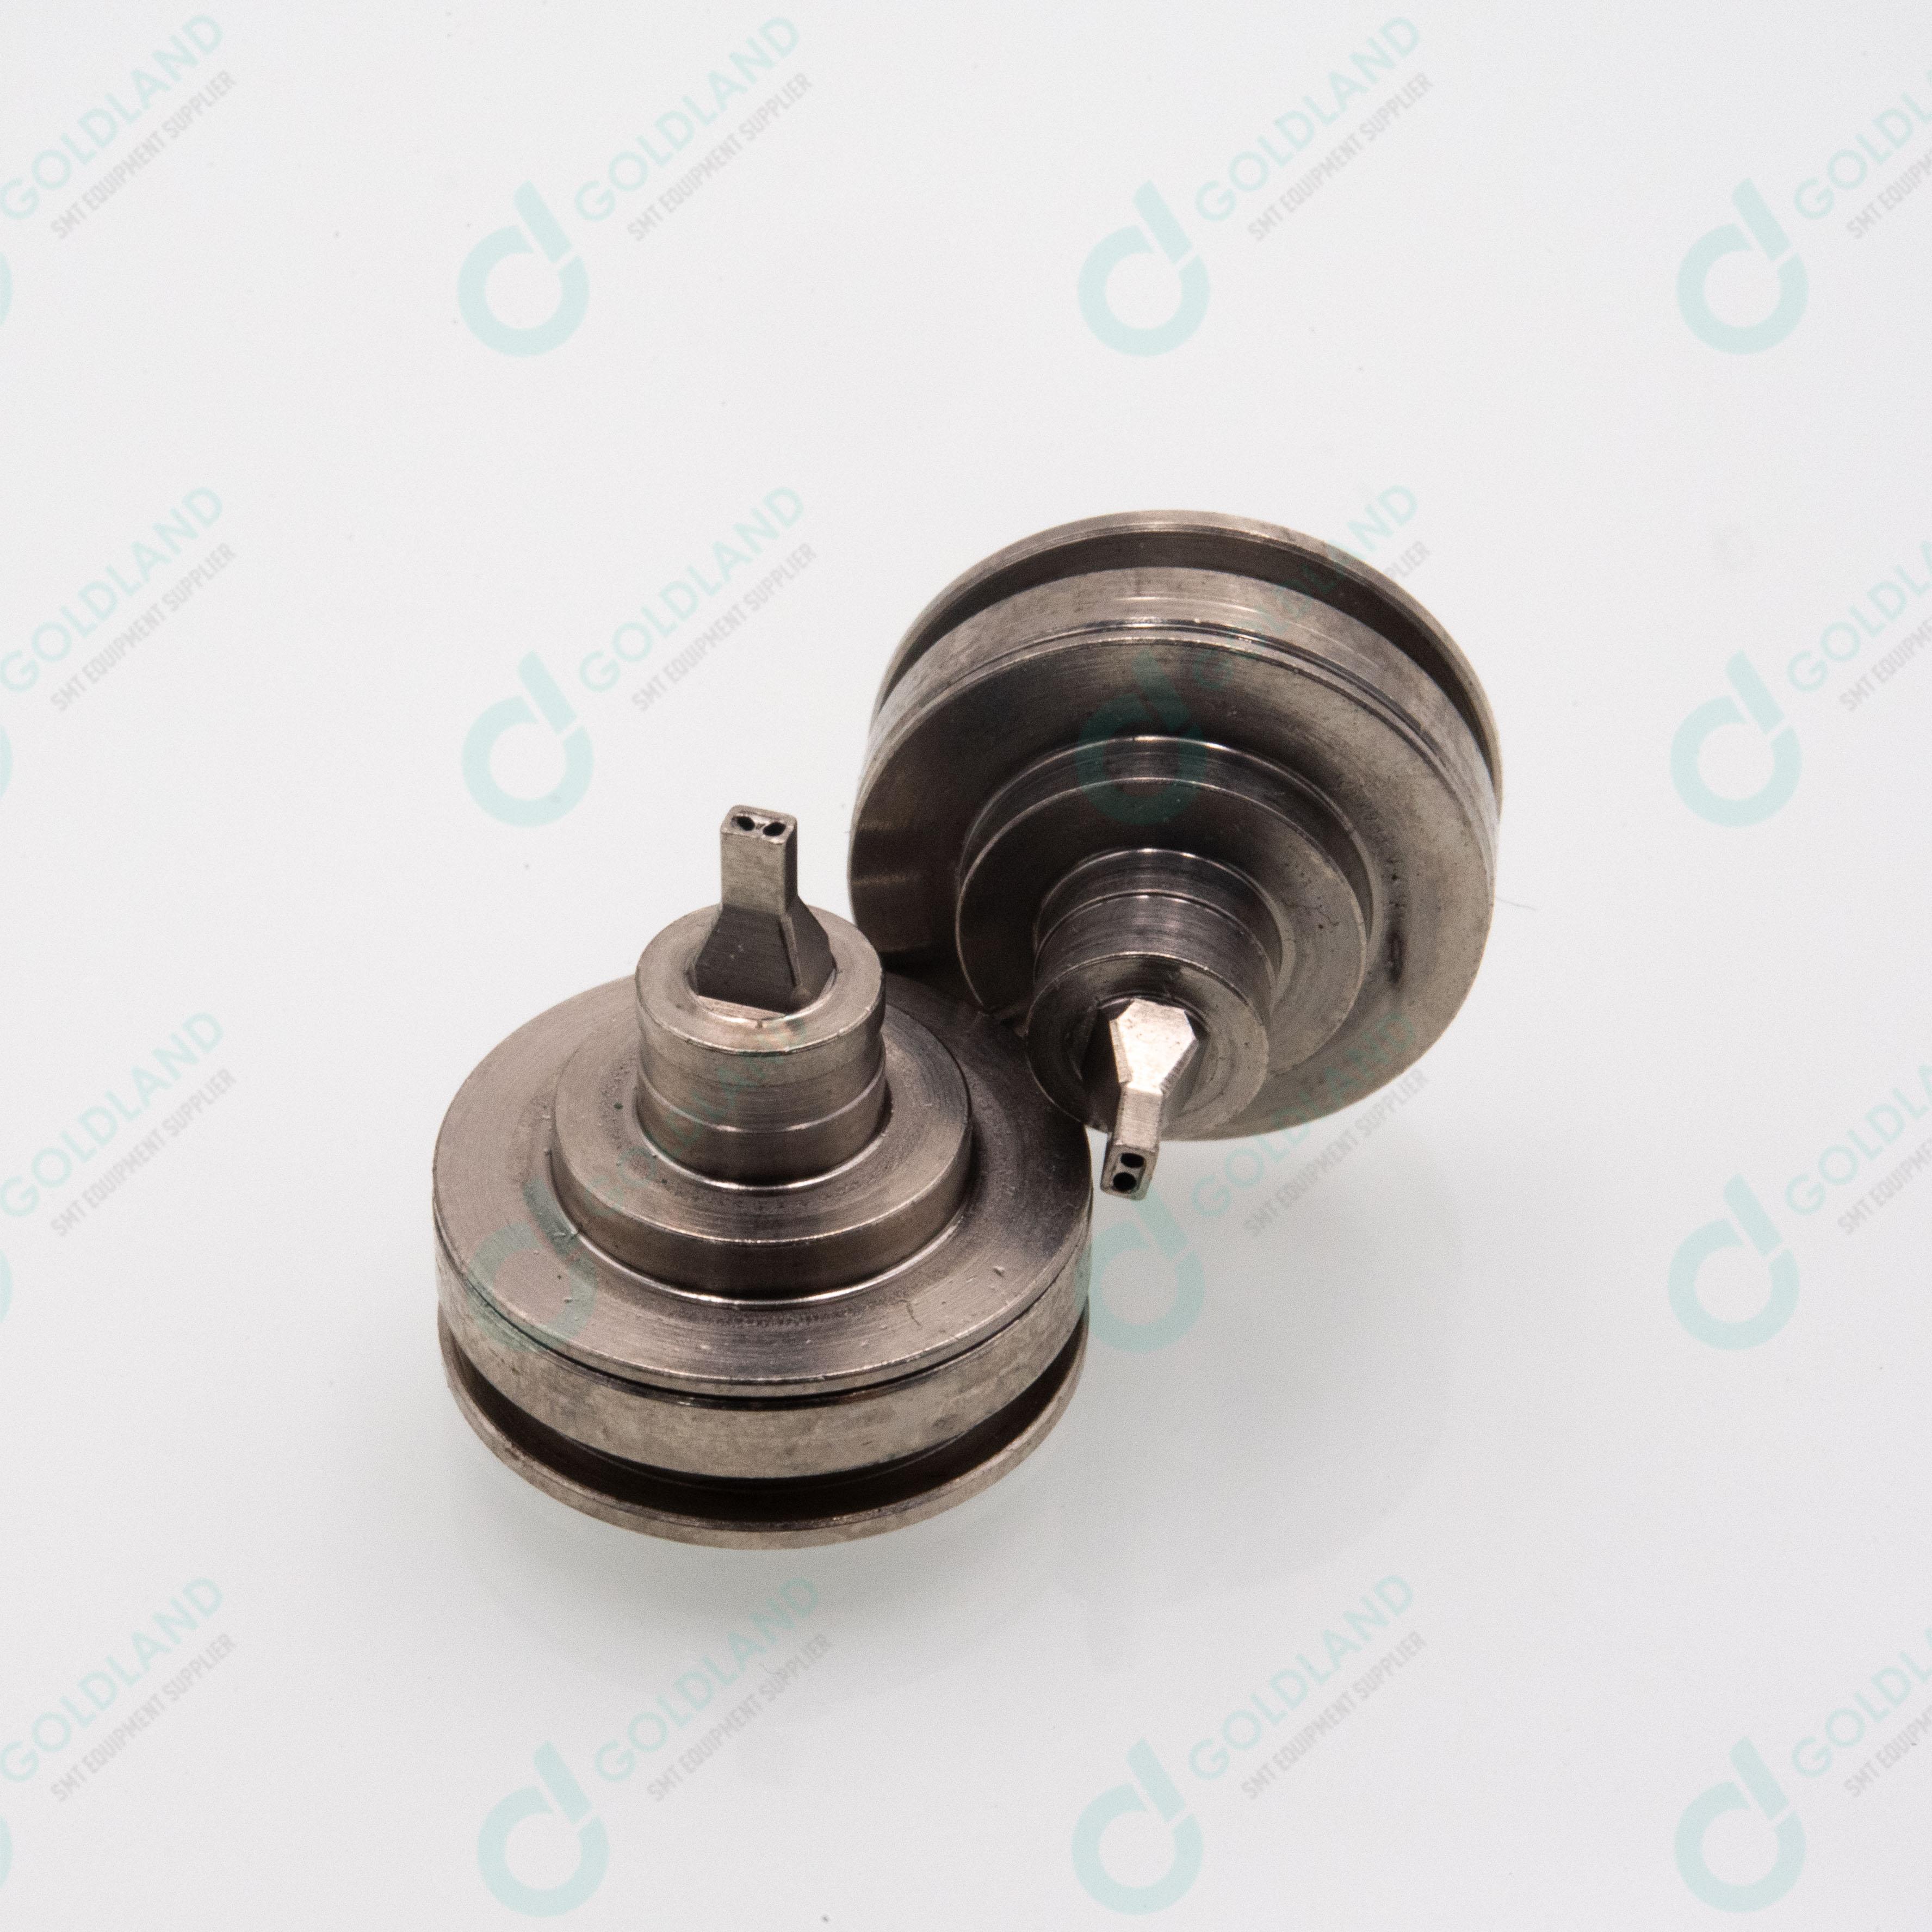 949839601255 Assembleon AX NOZZLE L4 for Assembleon smt nozzle